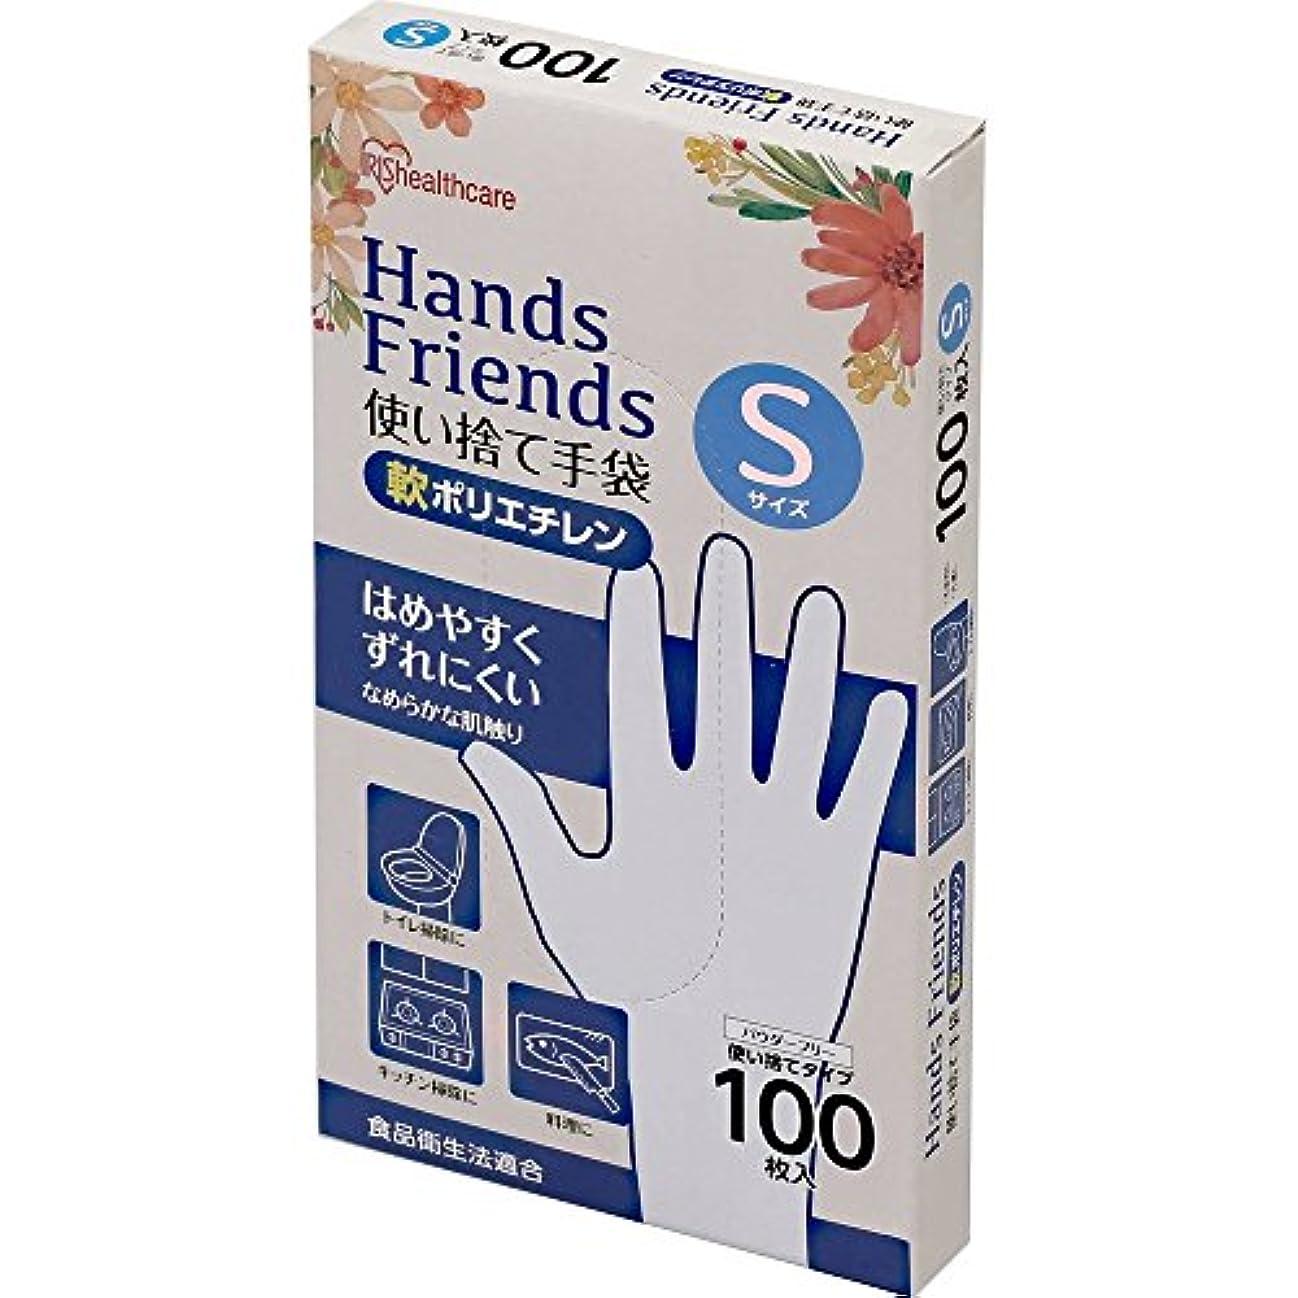 甘くするマスタードレッスン使い捨て手袋 軟ポリエチレン手袋 Sサイズ 粉なし パウダーフリー クリア 100枚入